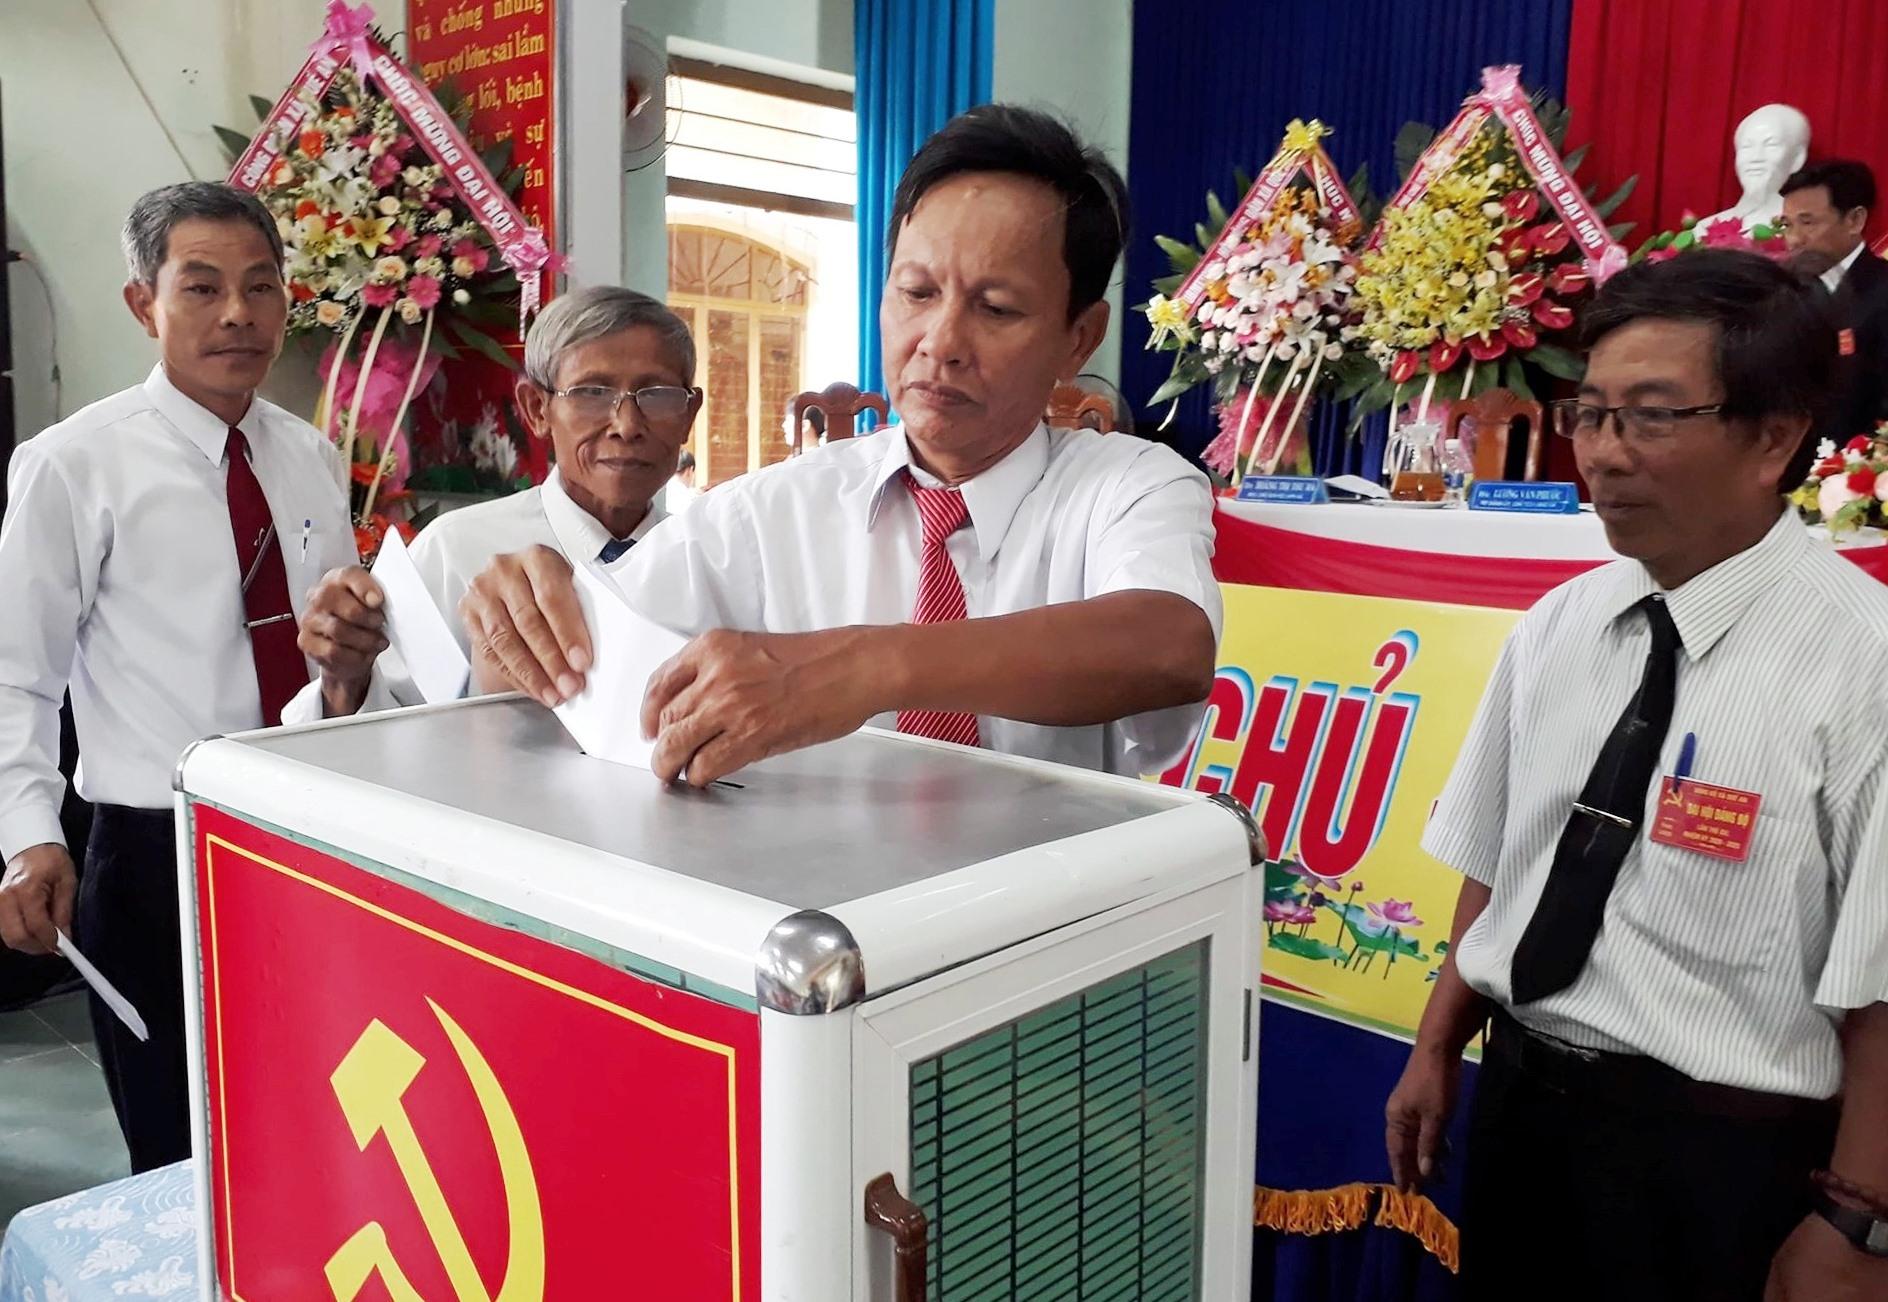 Bỏ phiếu bầu Ban Chấp hành Đảng bộ xã Quế An khóa XVI. ảnh DT.